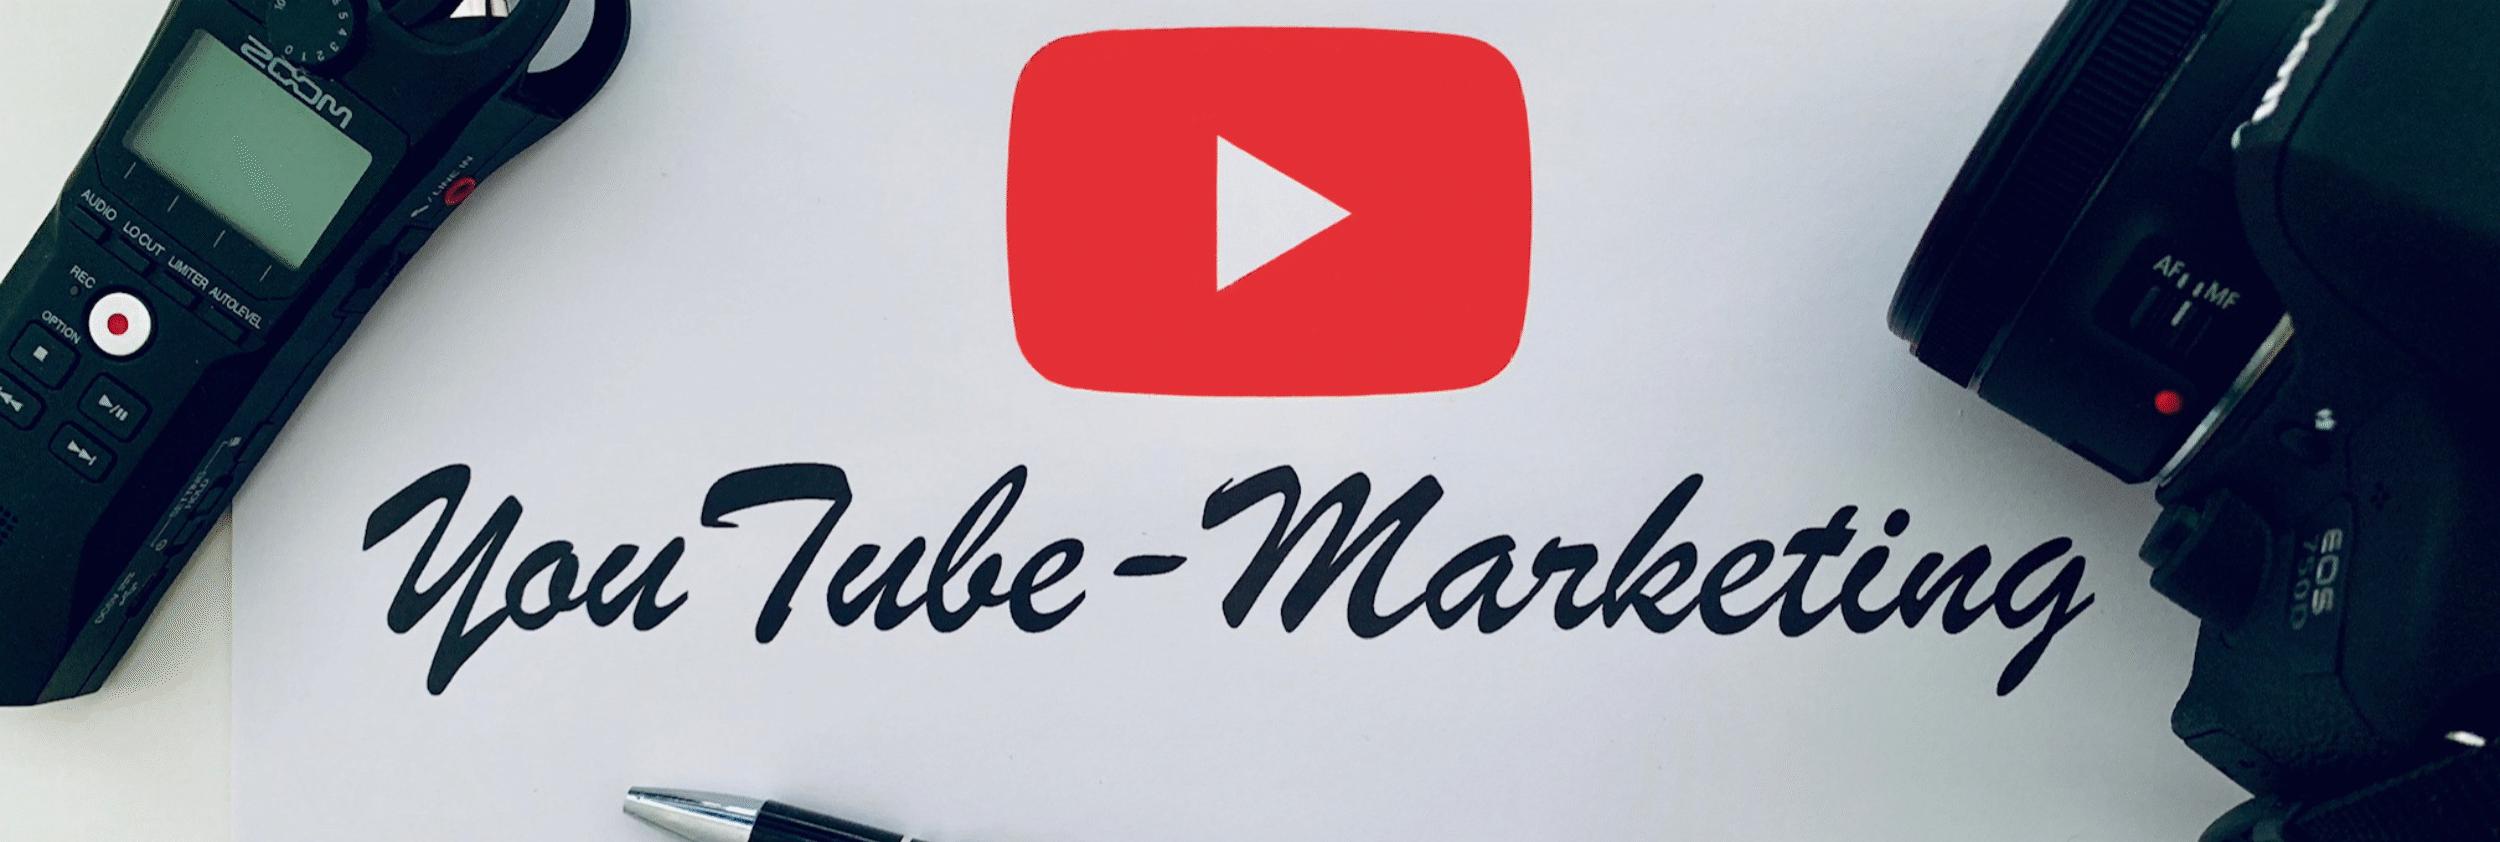 Youtube-Marketing OMBK Hannover